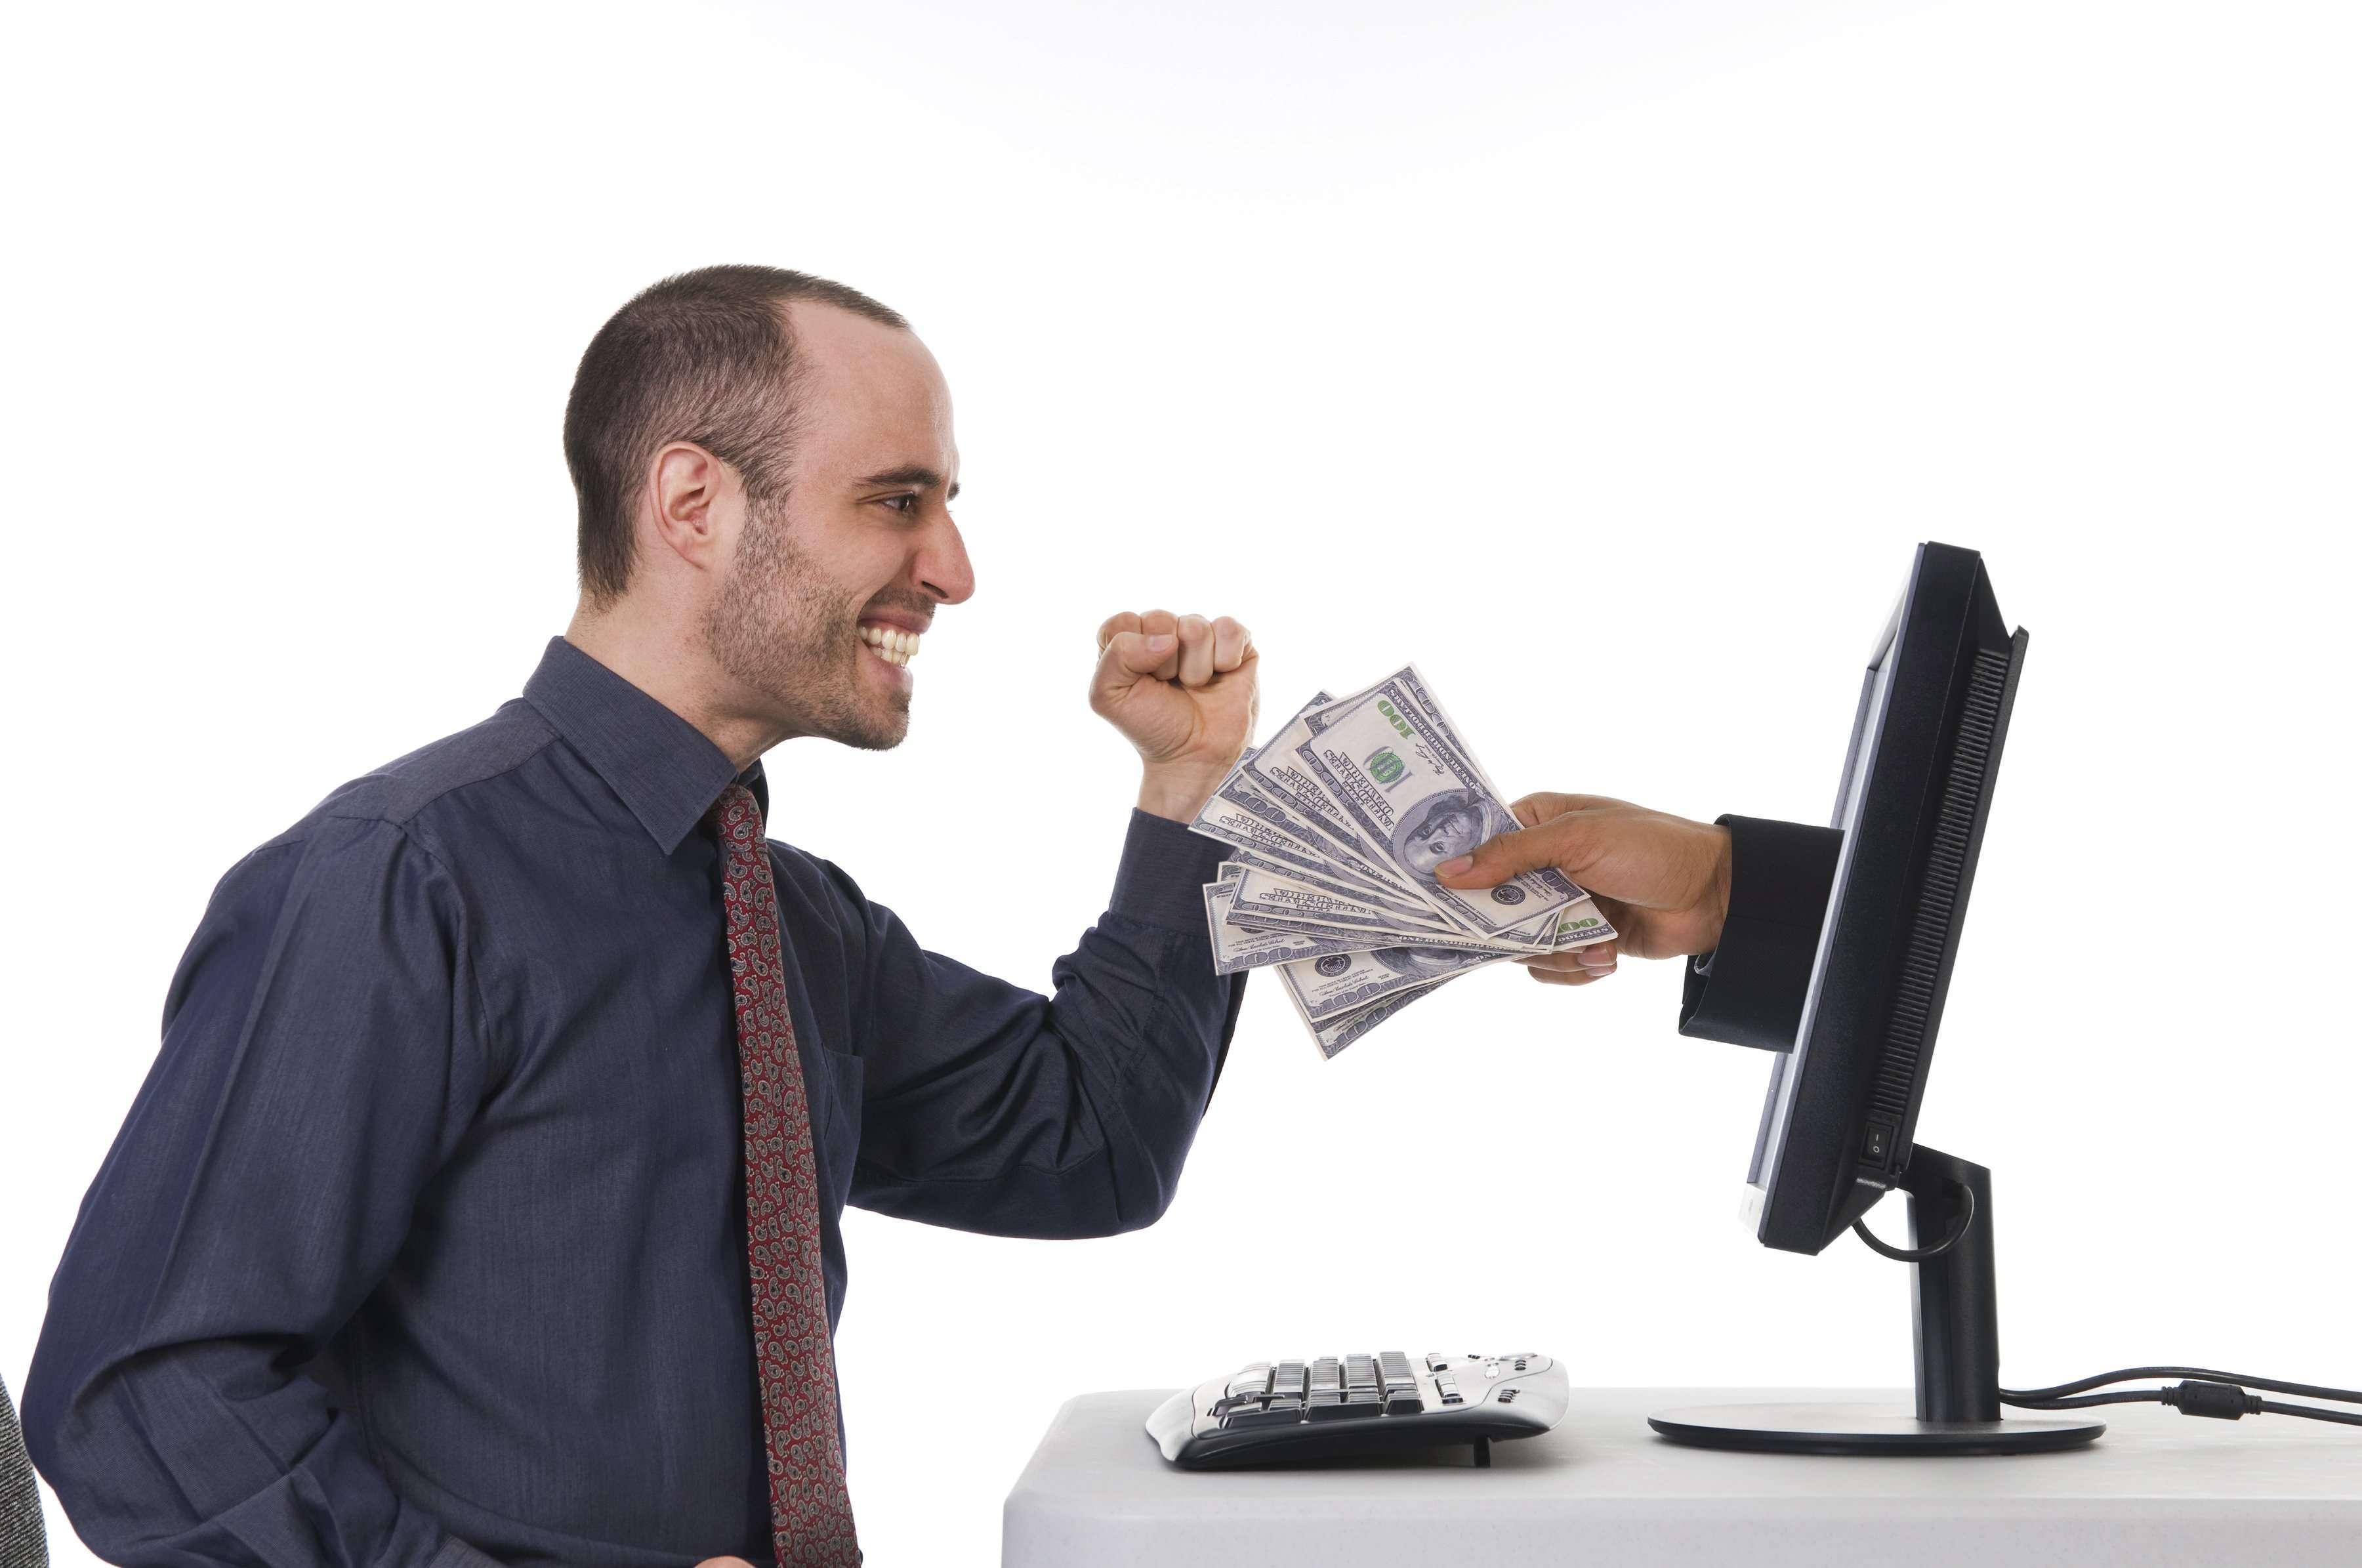 Заработок на сайте знакомств или что такое дейтинг блог ивана кунпана